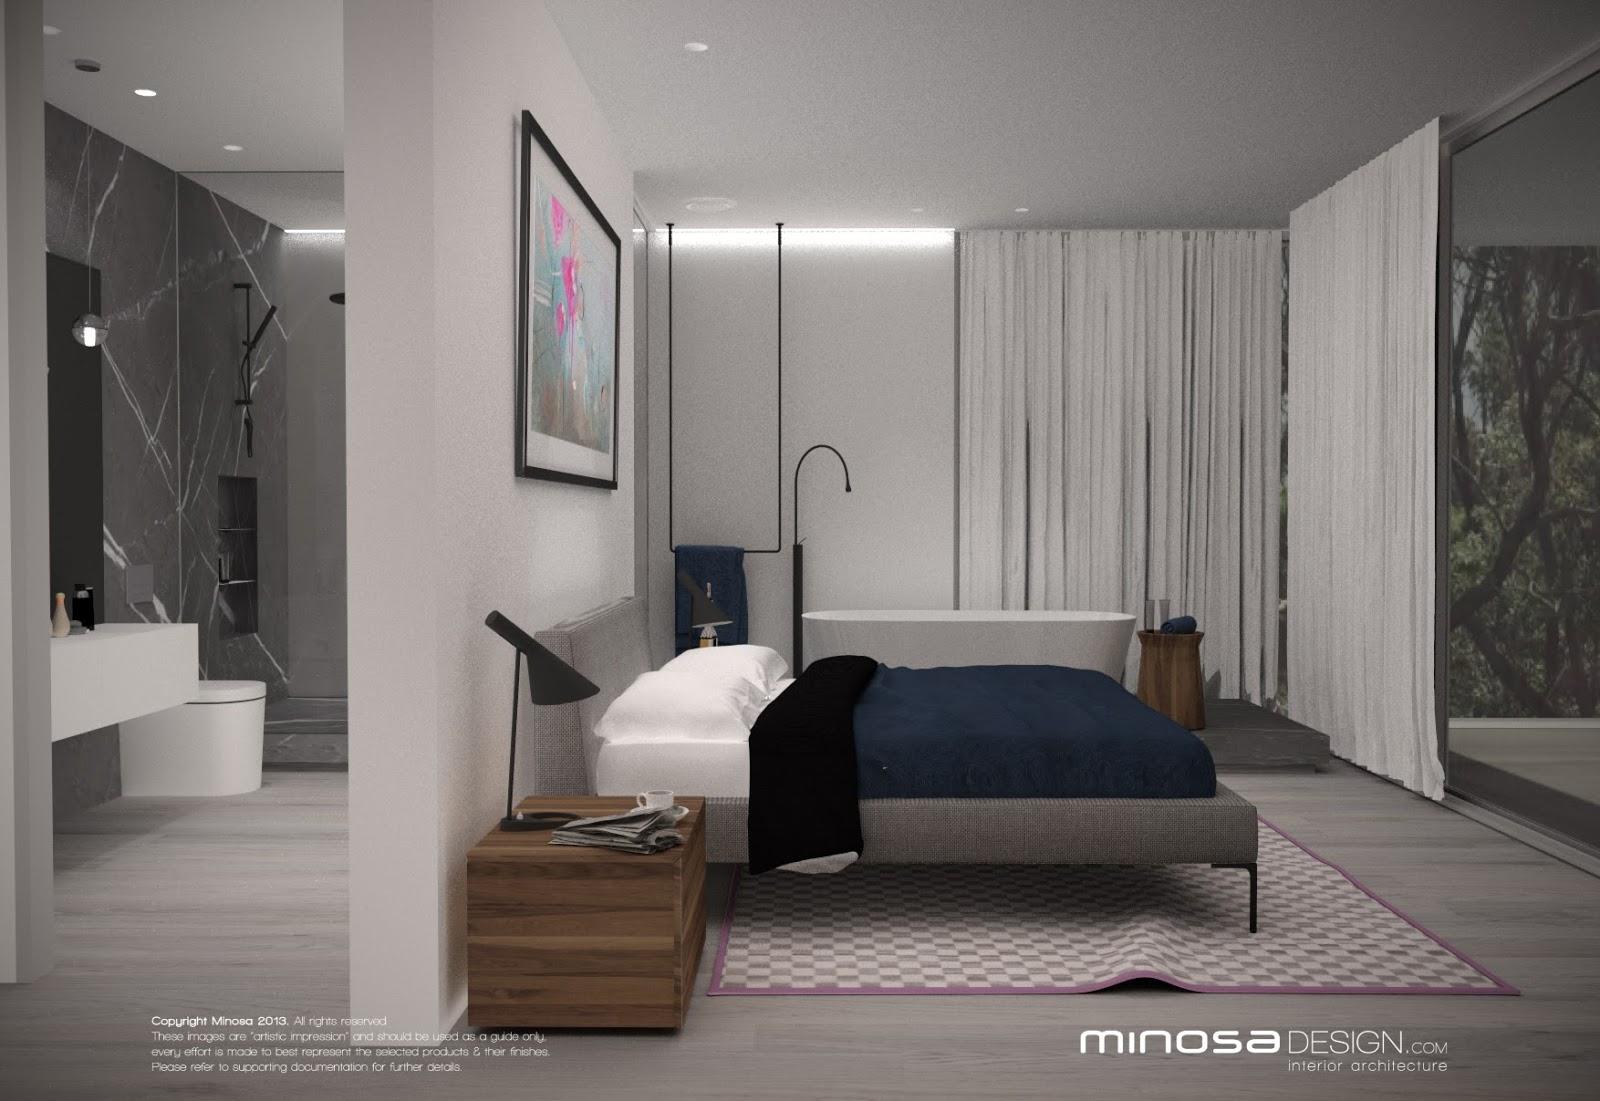 Open plan bathroom and bedroom designs